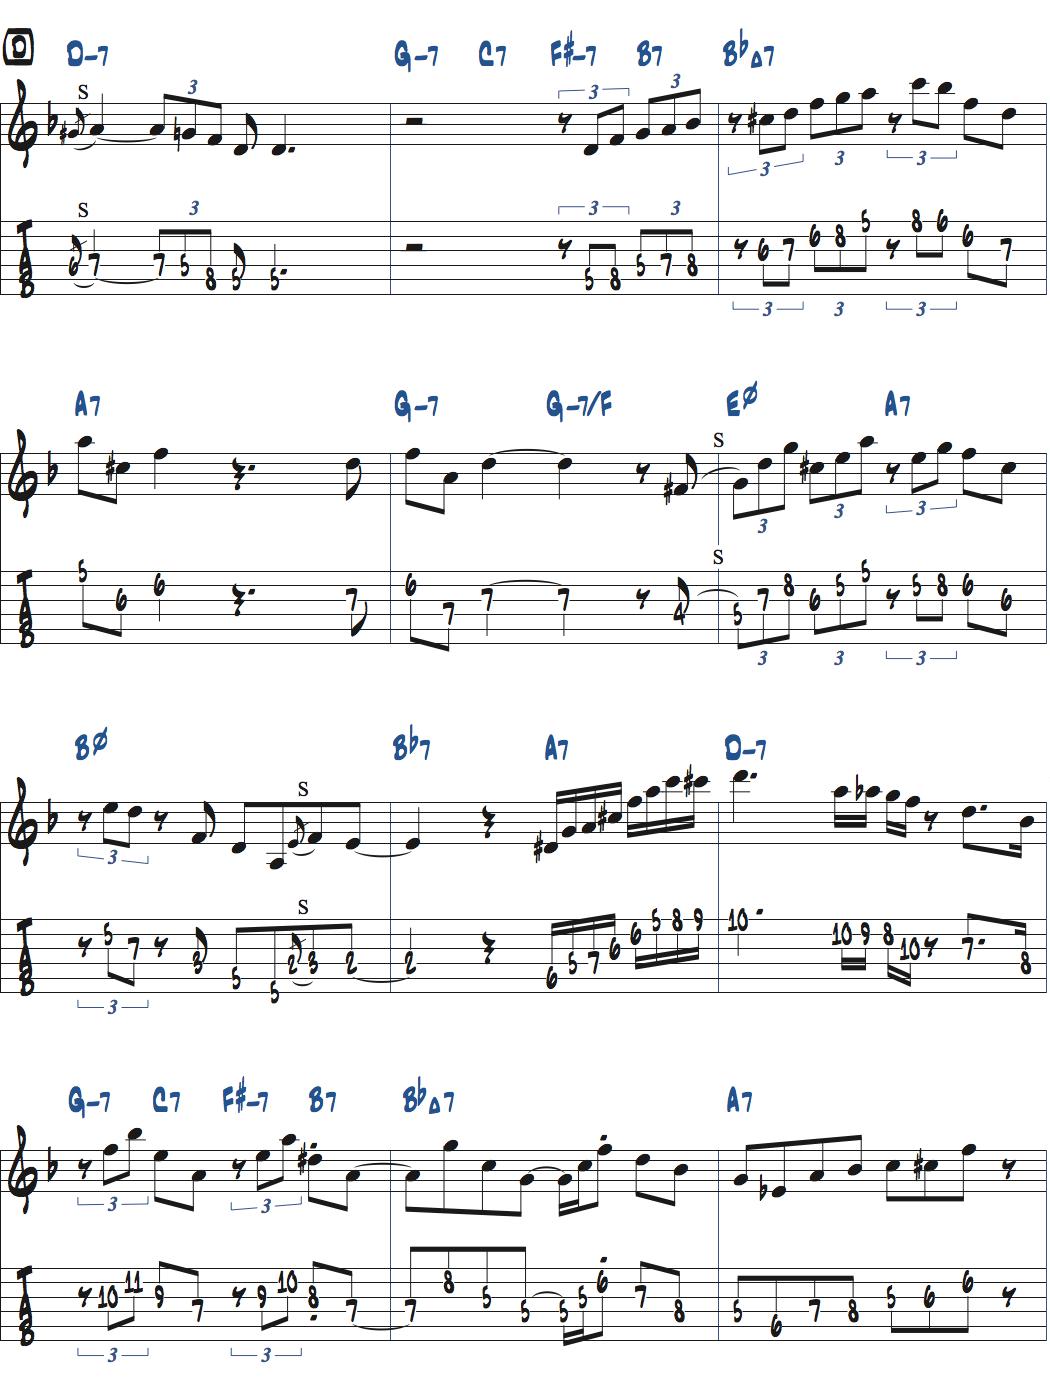 Jesse Van Ruller『Honeysuckle Rose』アドリブ楽譜ページ1